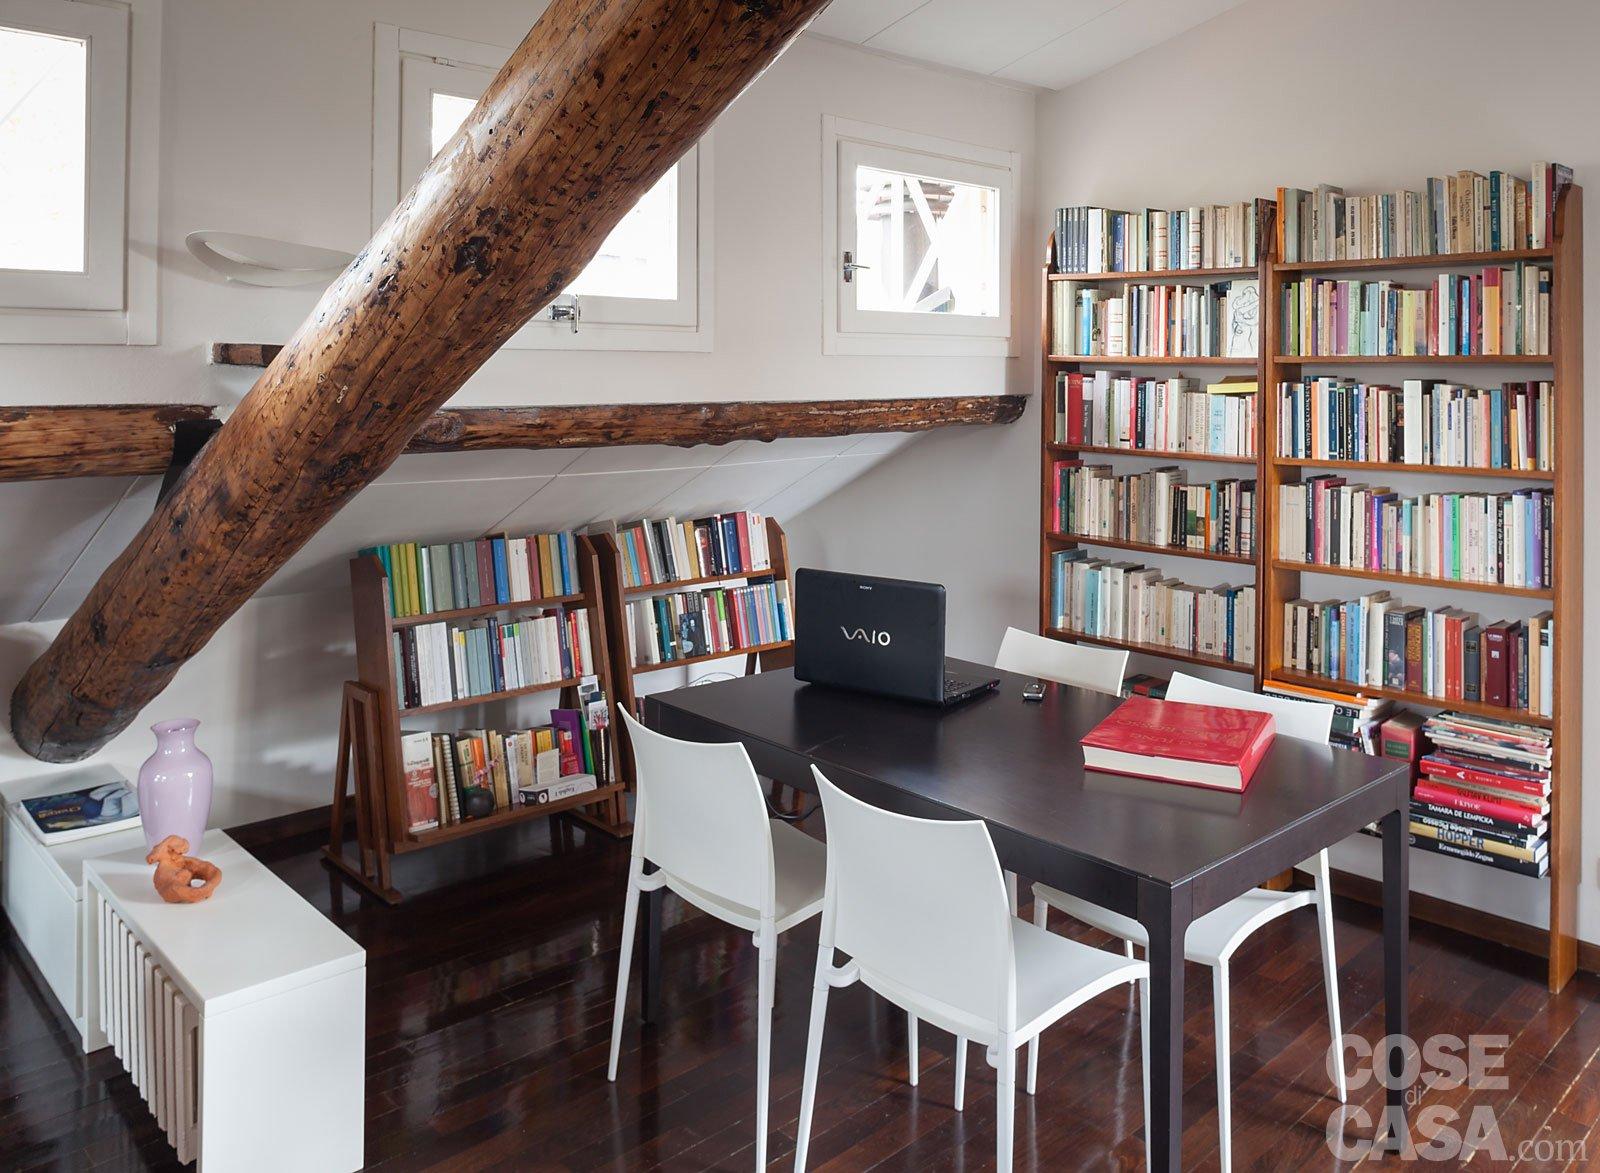 Tappeti per parquet idee per il design della casa for Tappeti casa classica